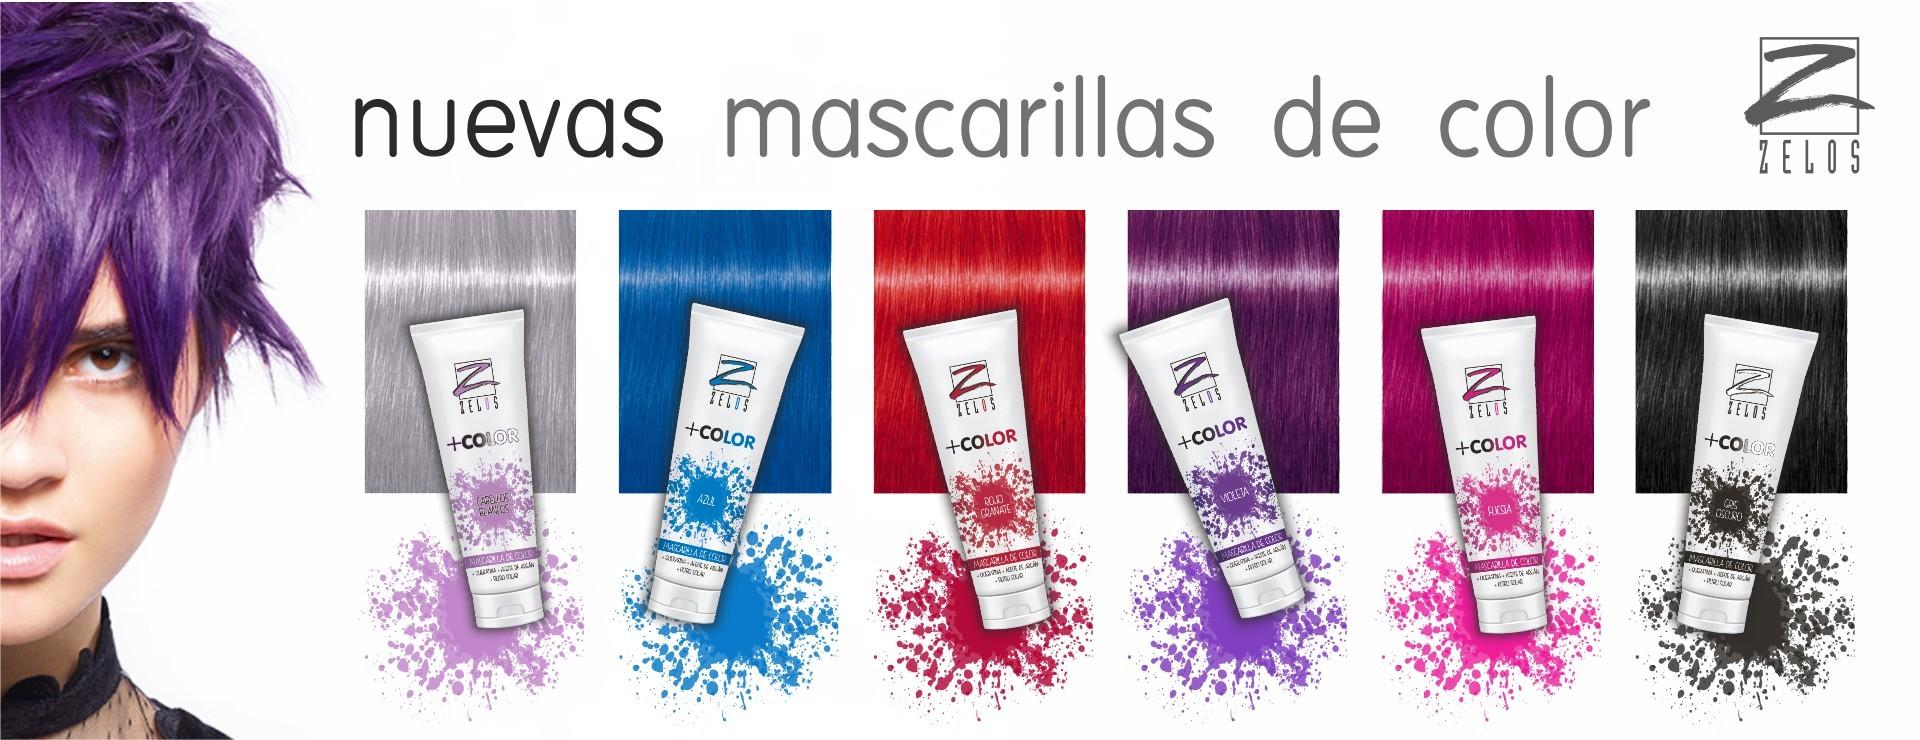 Mascarillas de Color Zelos +Color e223940efa31